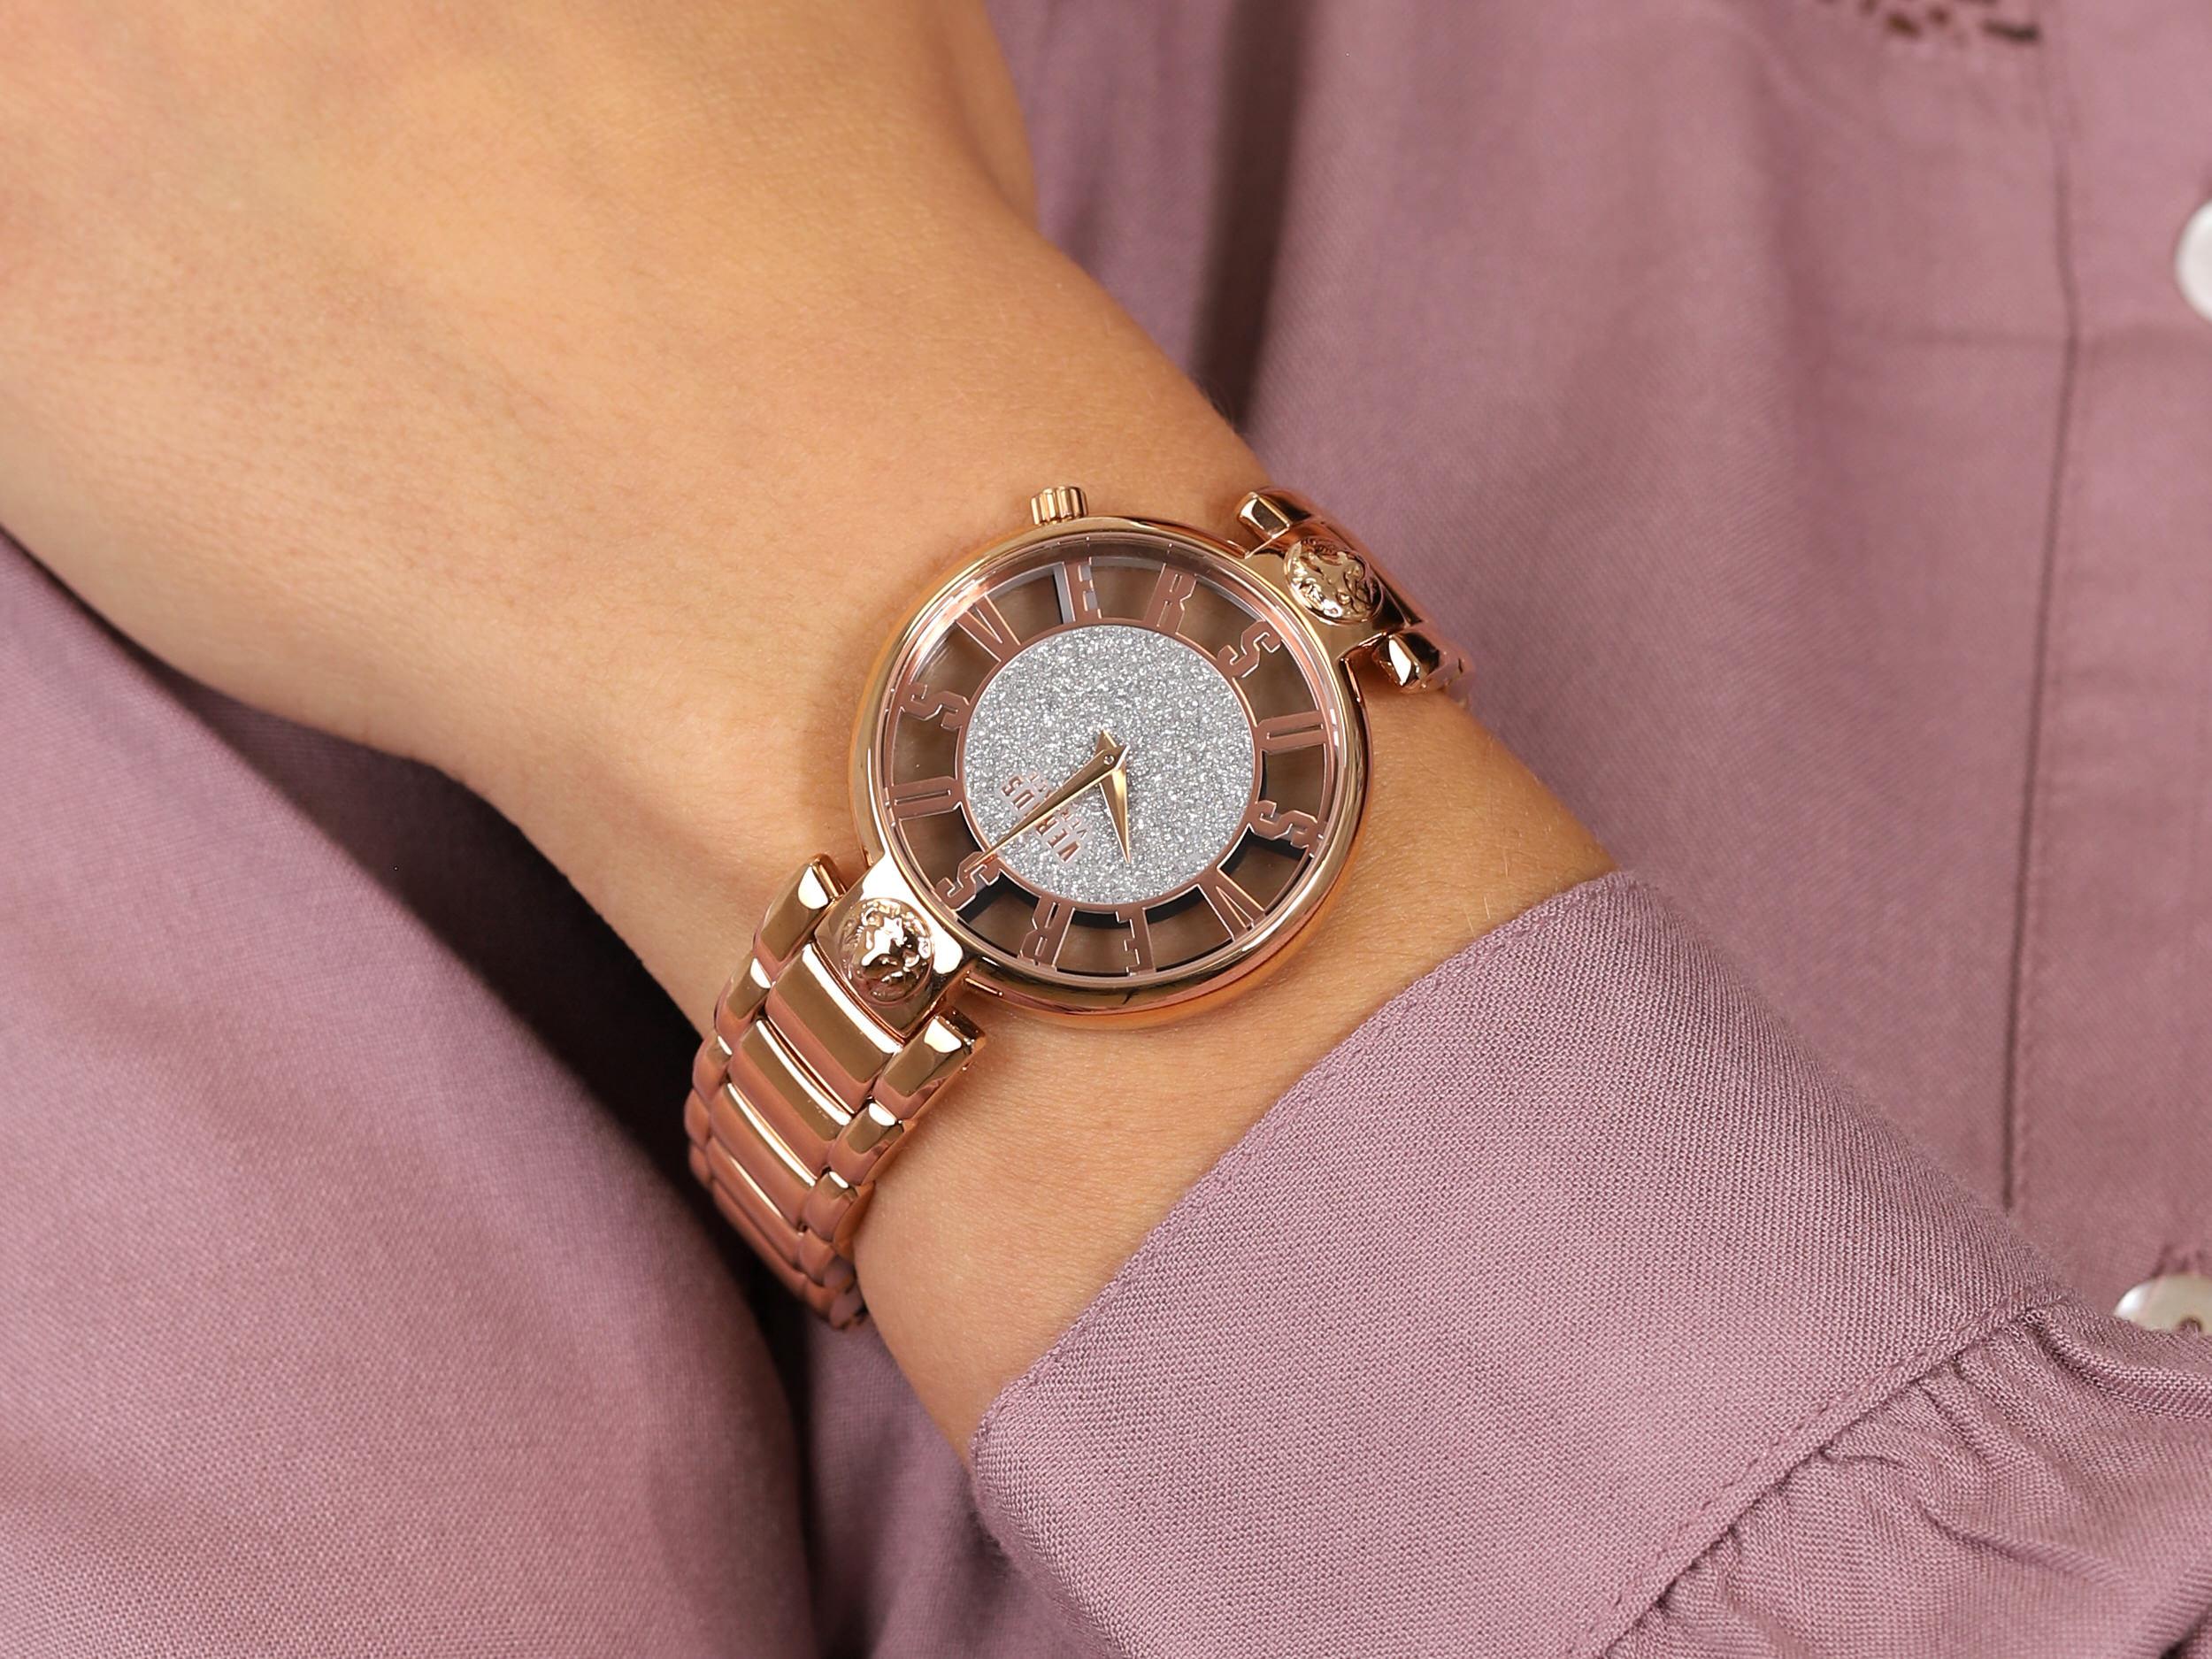 Versus Versace VSP491519 KIRSTENHOF zegarek fashion/modowy Damskie